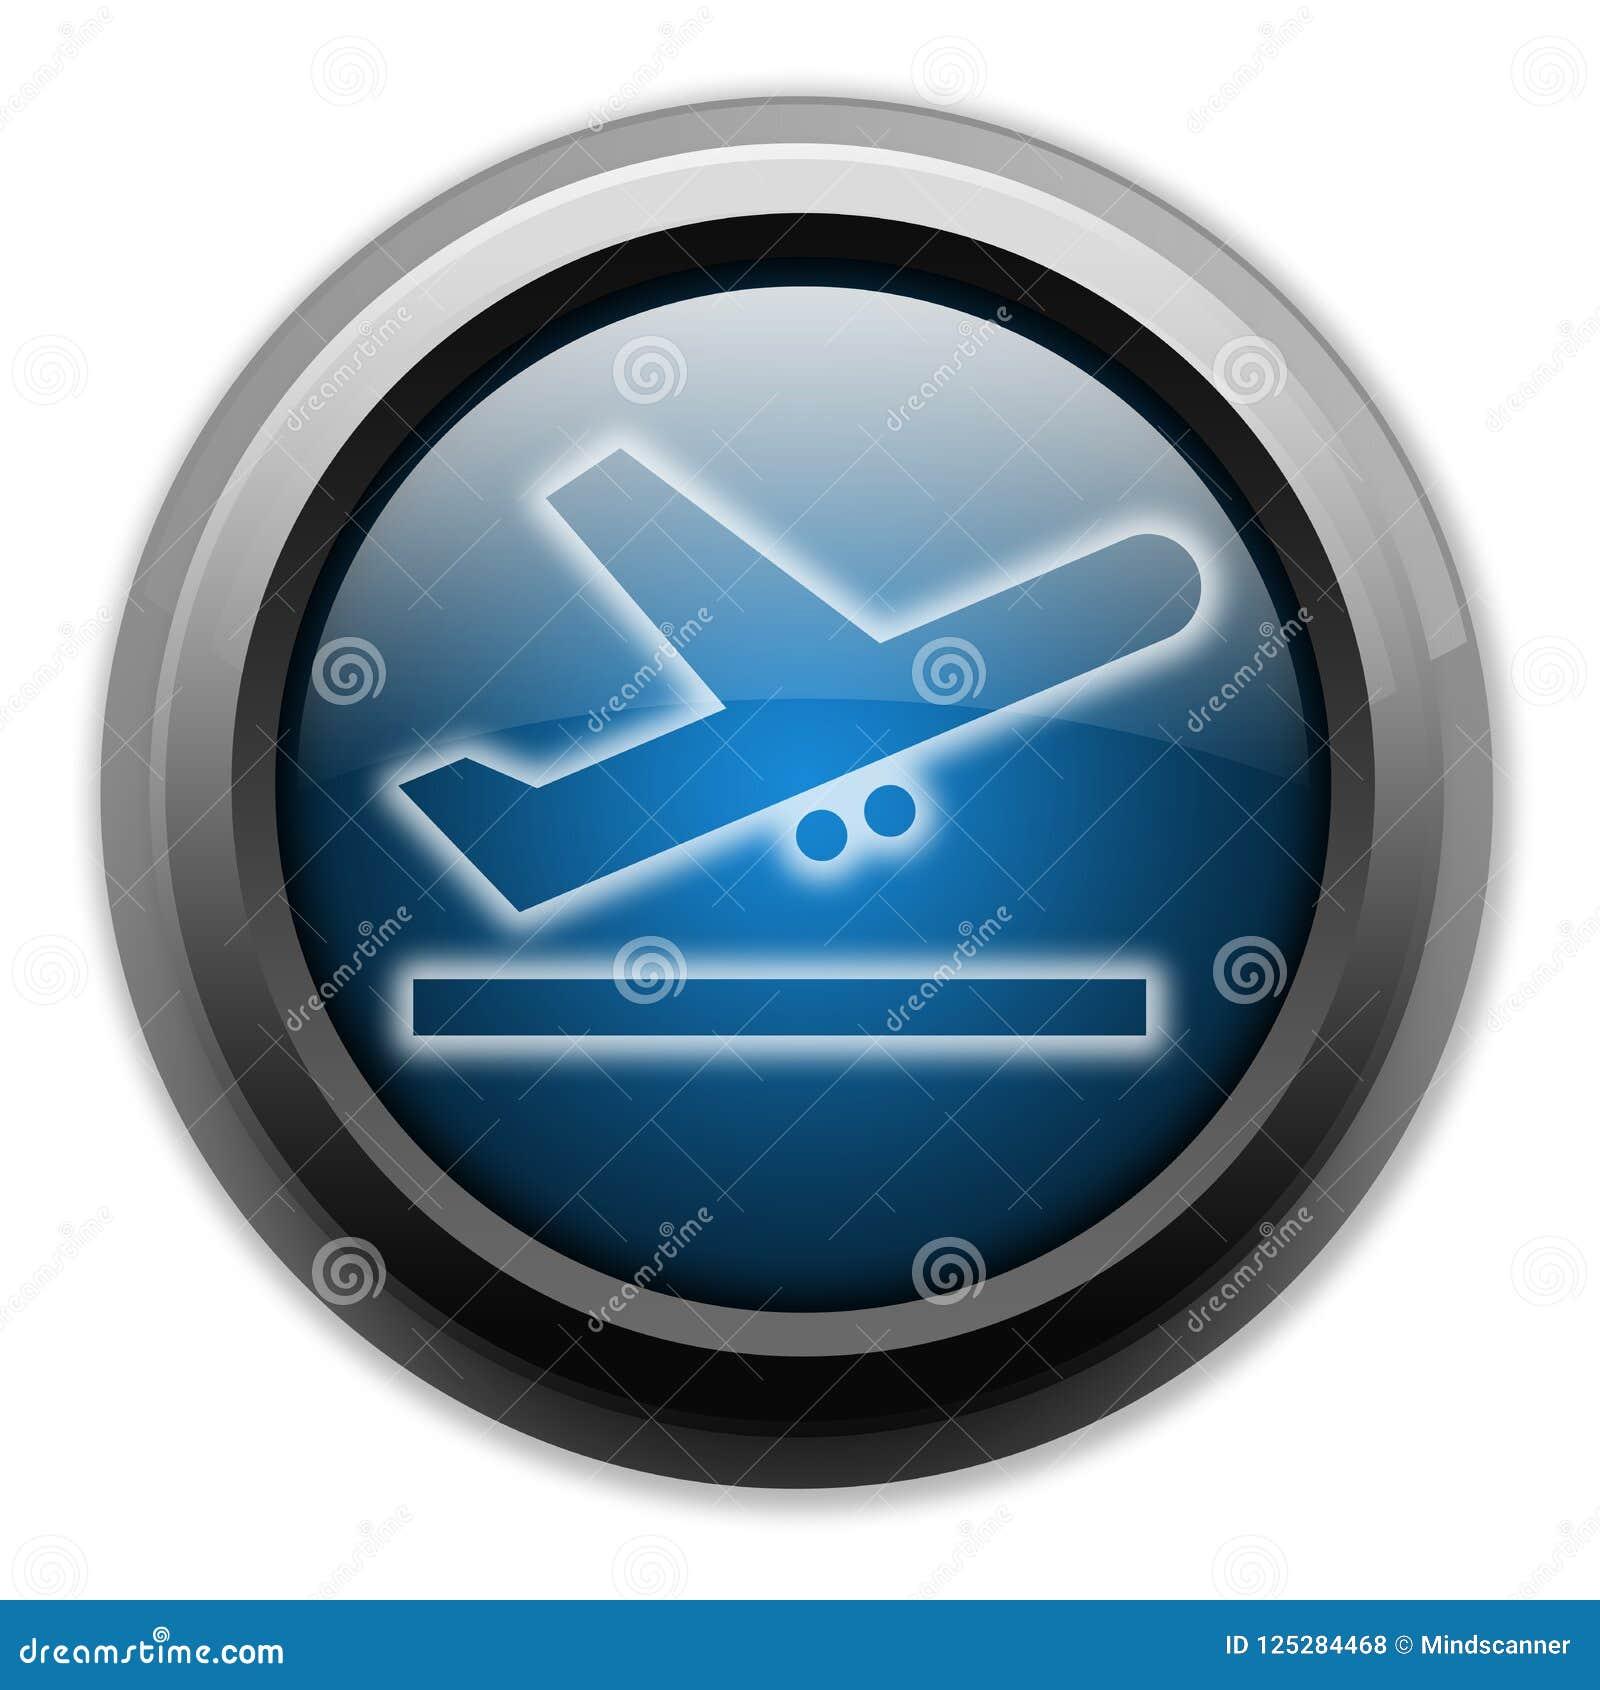 Εικονίδιο, κουμπί, αναχωρήσεις αερολιμένων εικονογραμμάτων